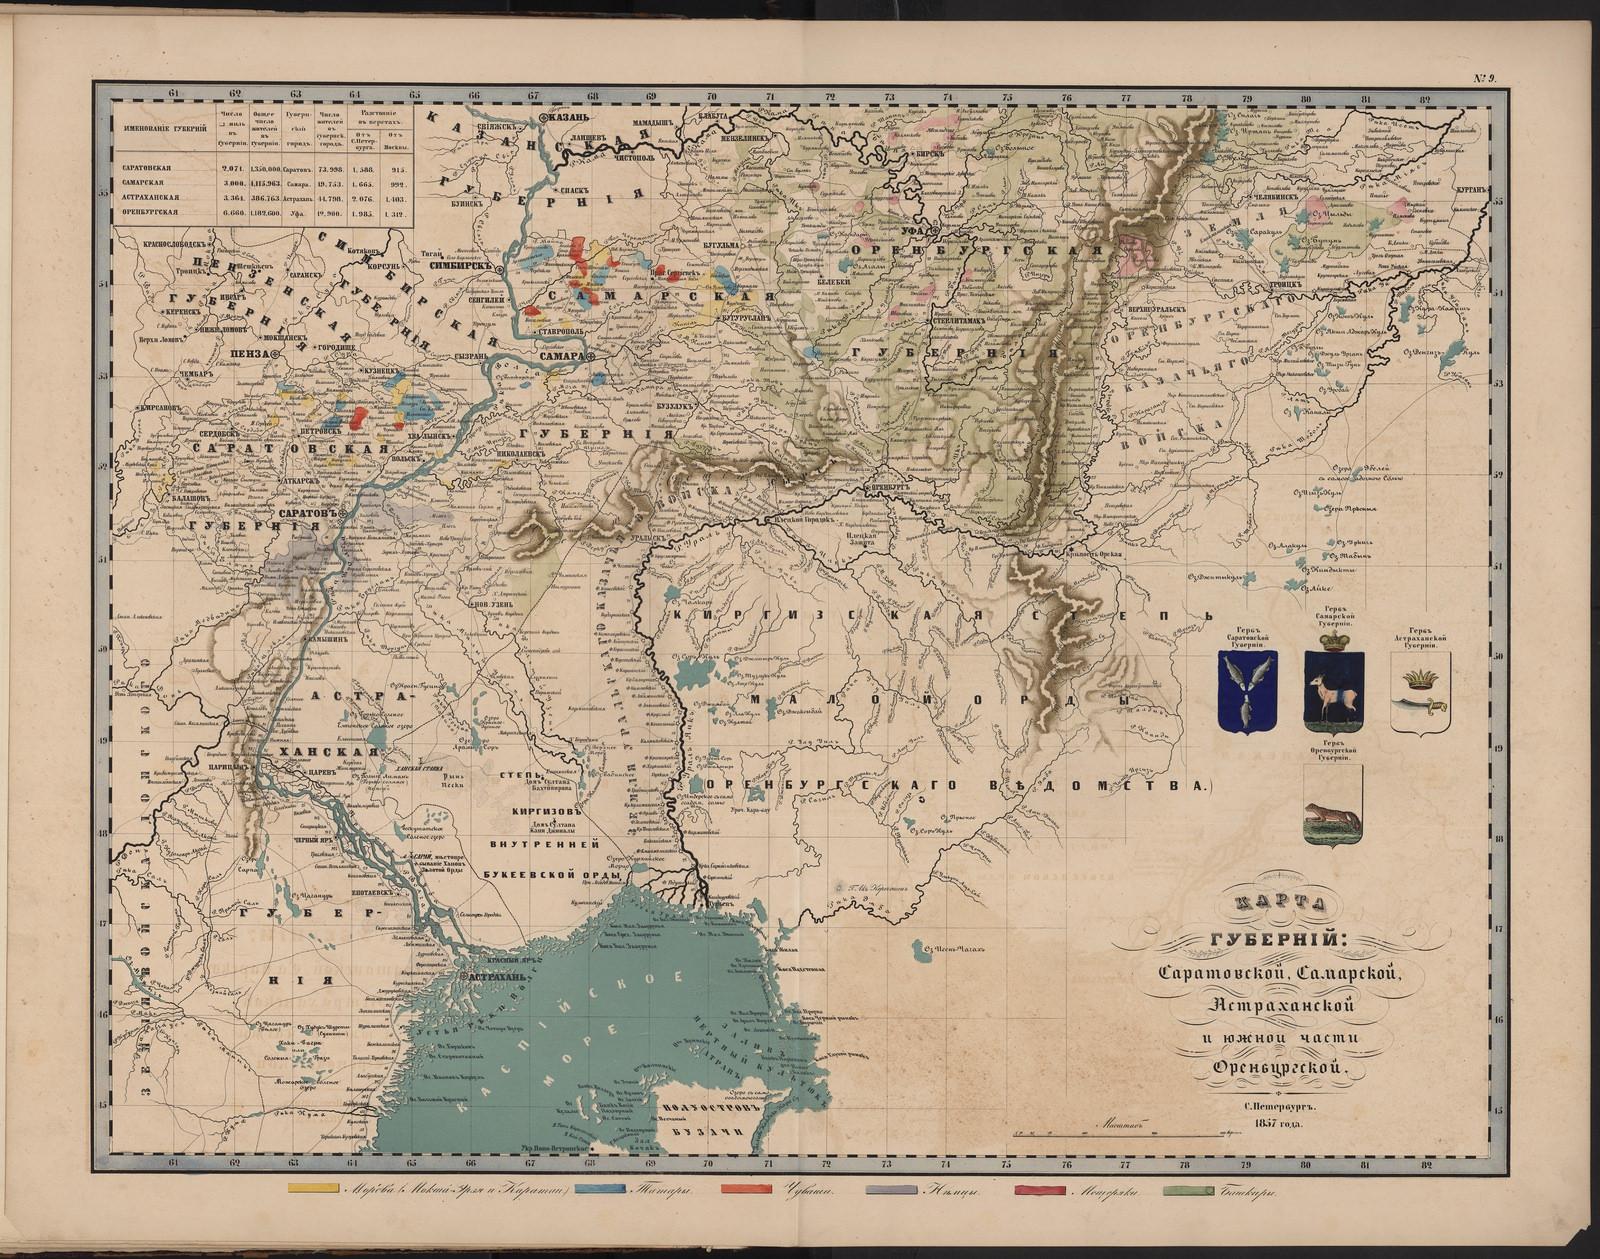 09-а. Карта губерний Саратовской, Самарской, Астраханской и южной части Оренбургской (этнограф)